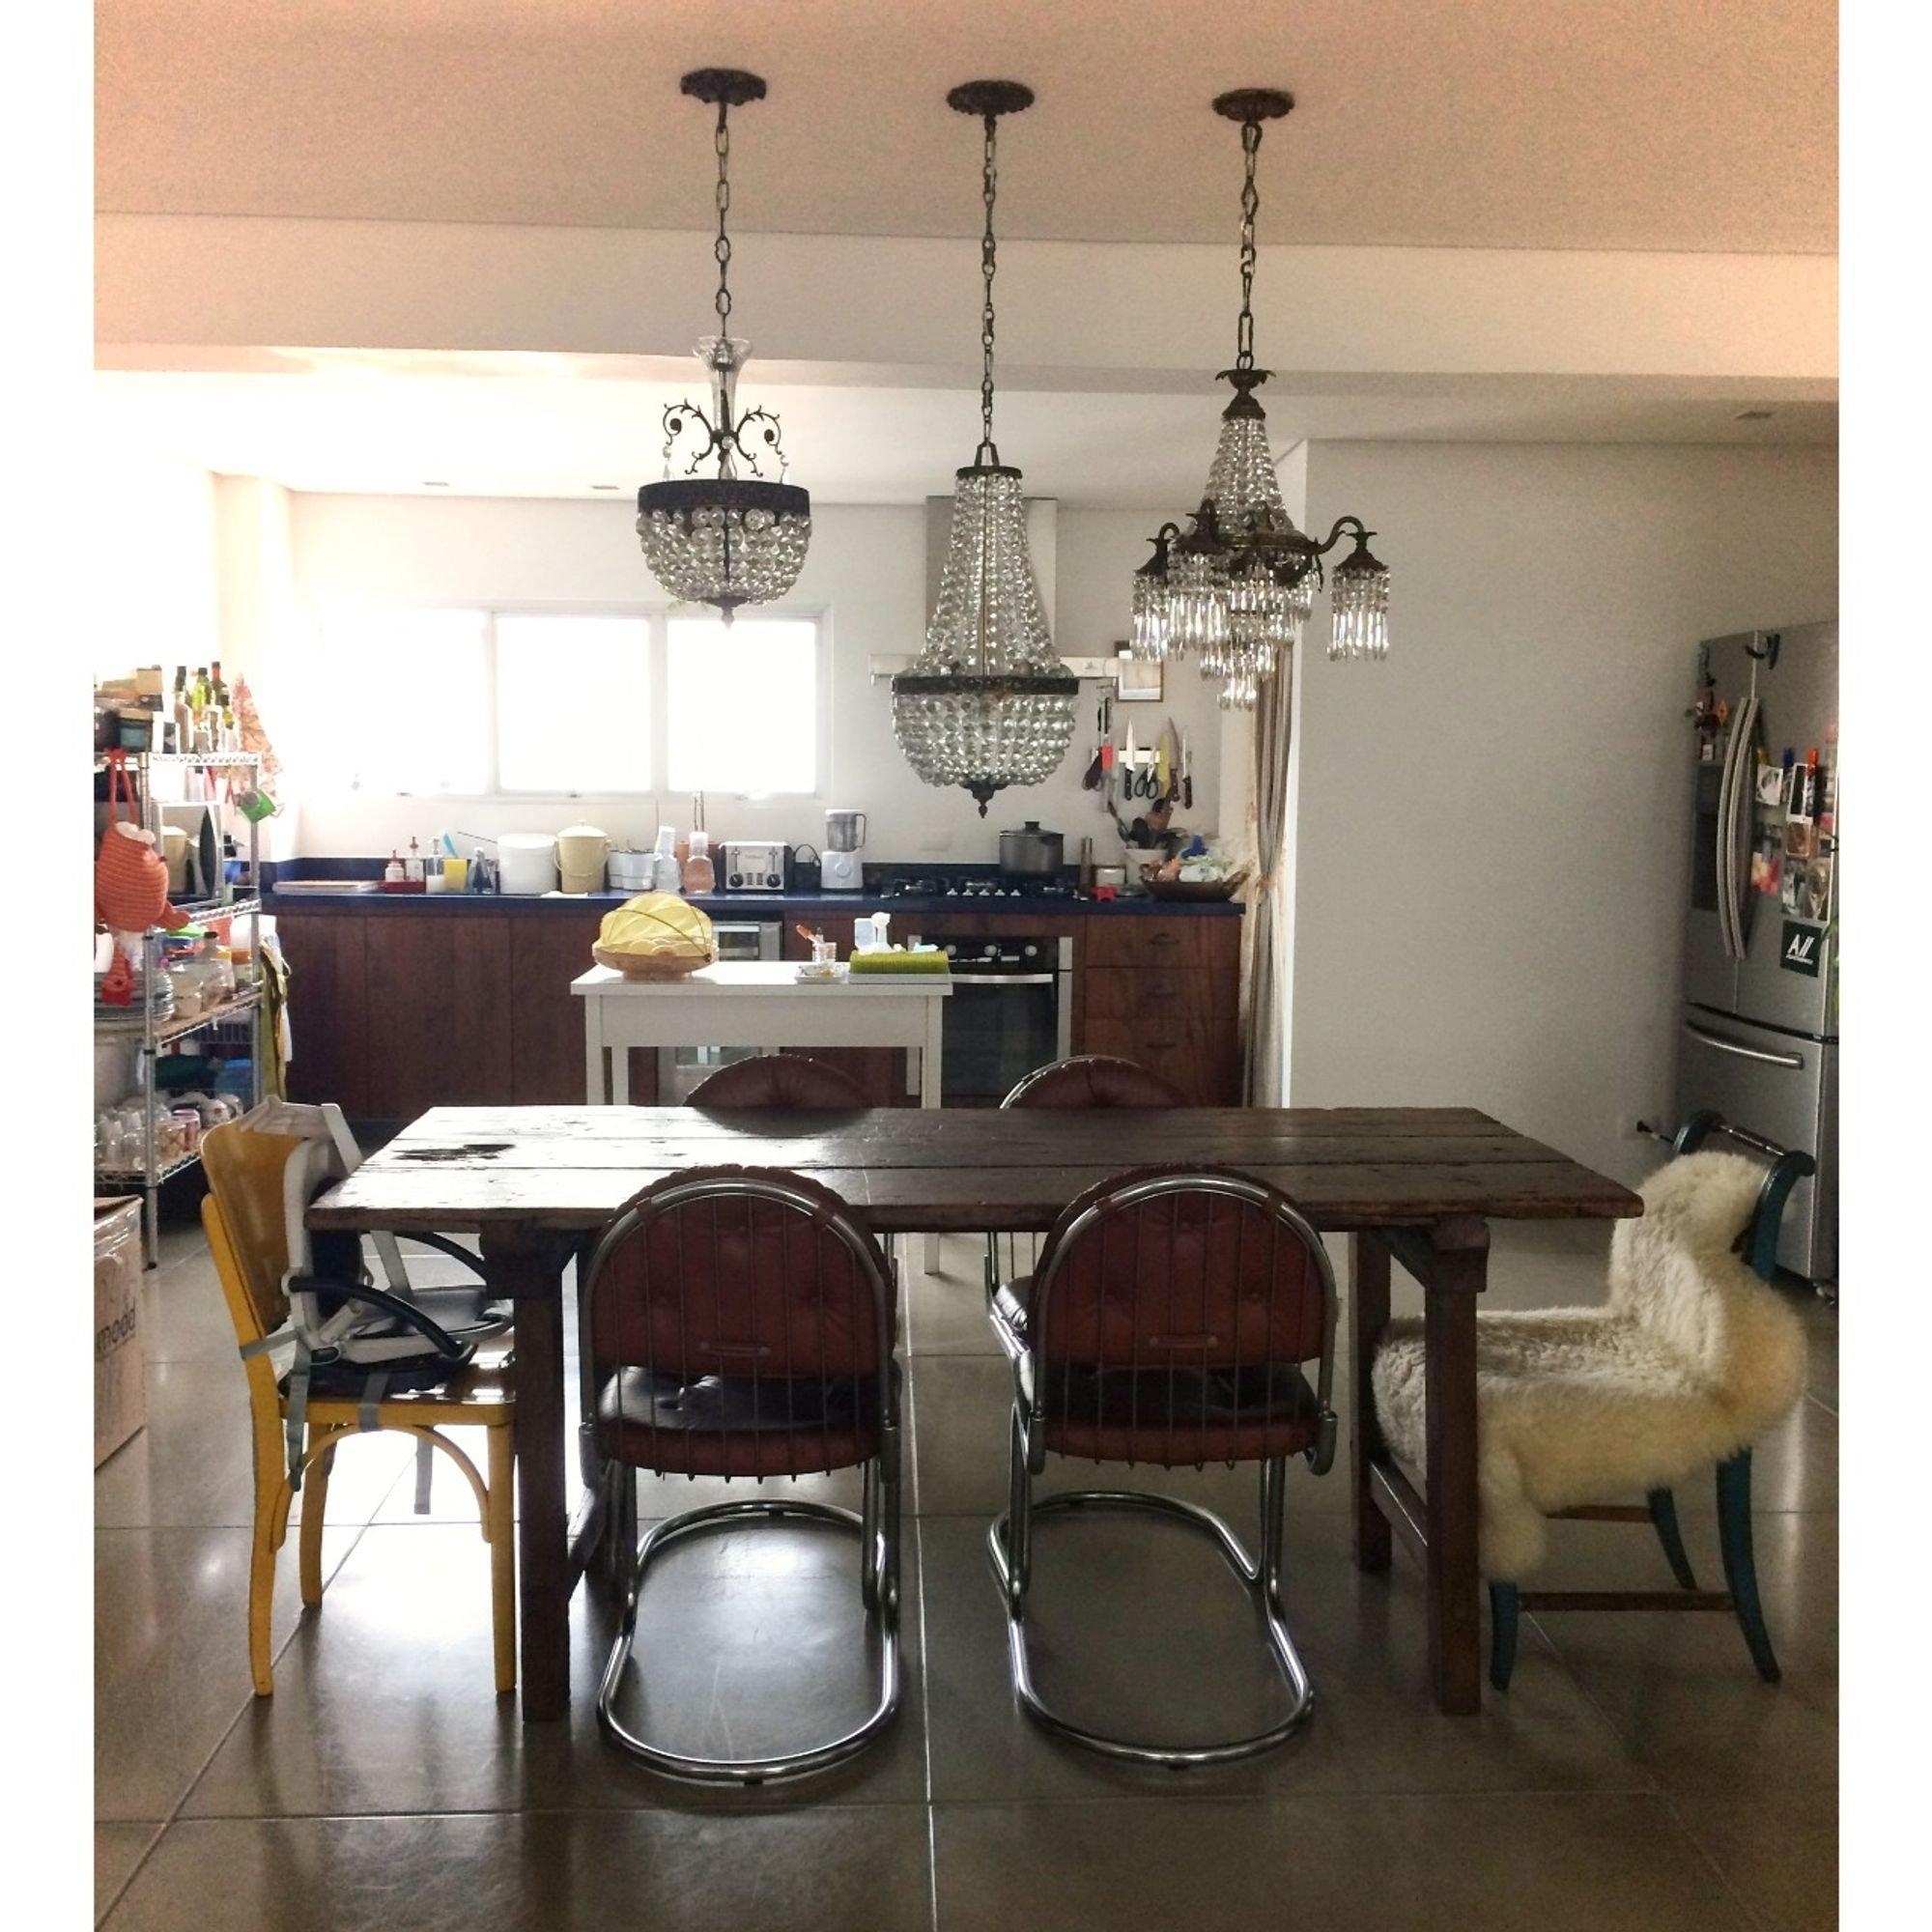 Foto de Hall com forno, cadeira, pessoa, mesa de jantar